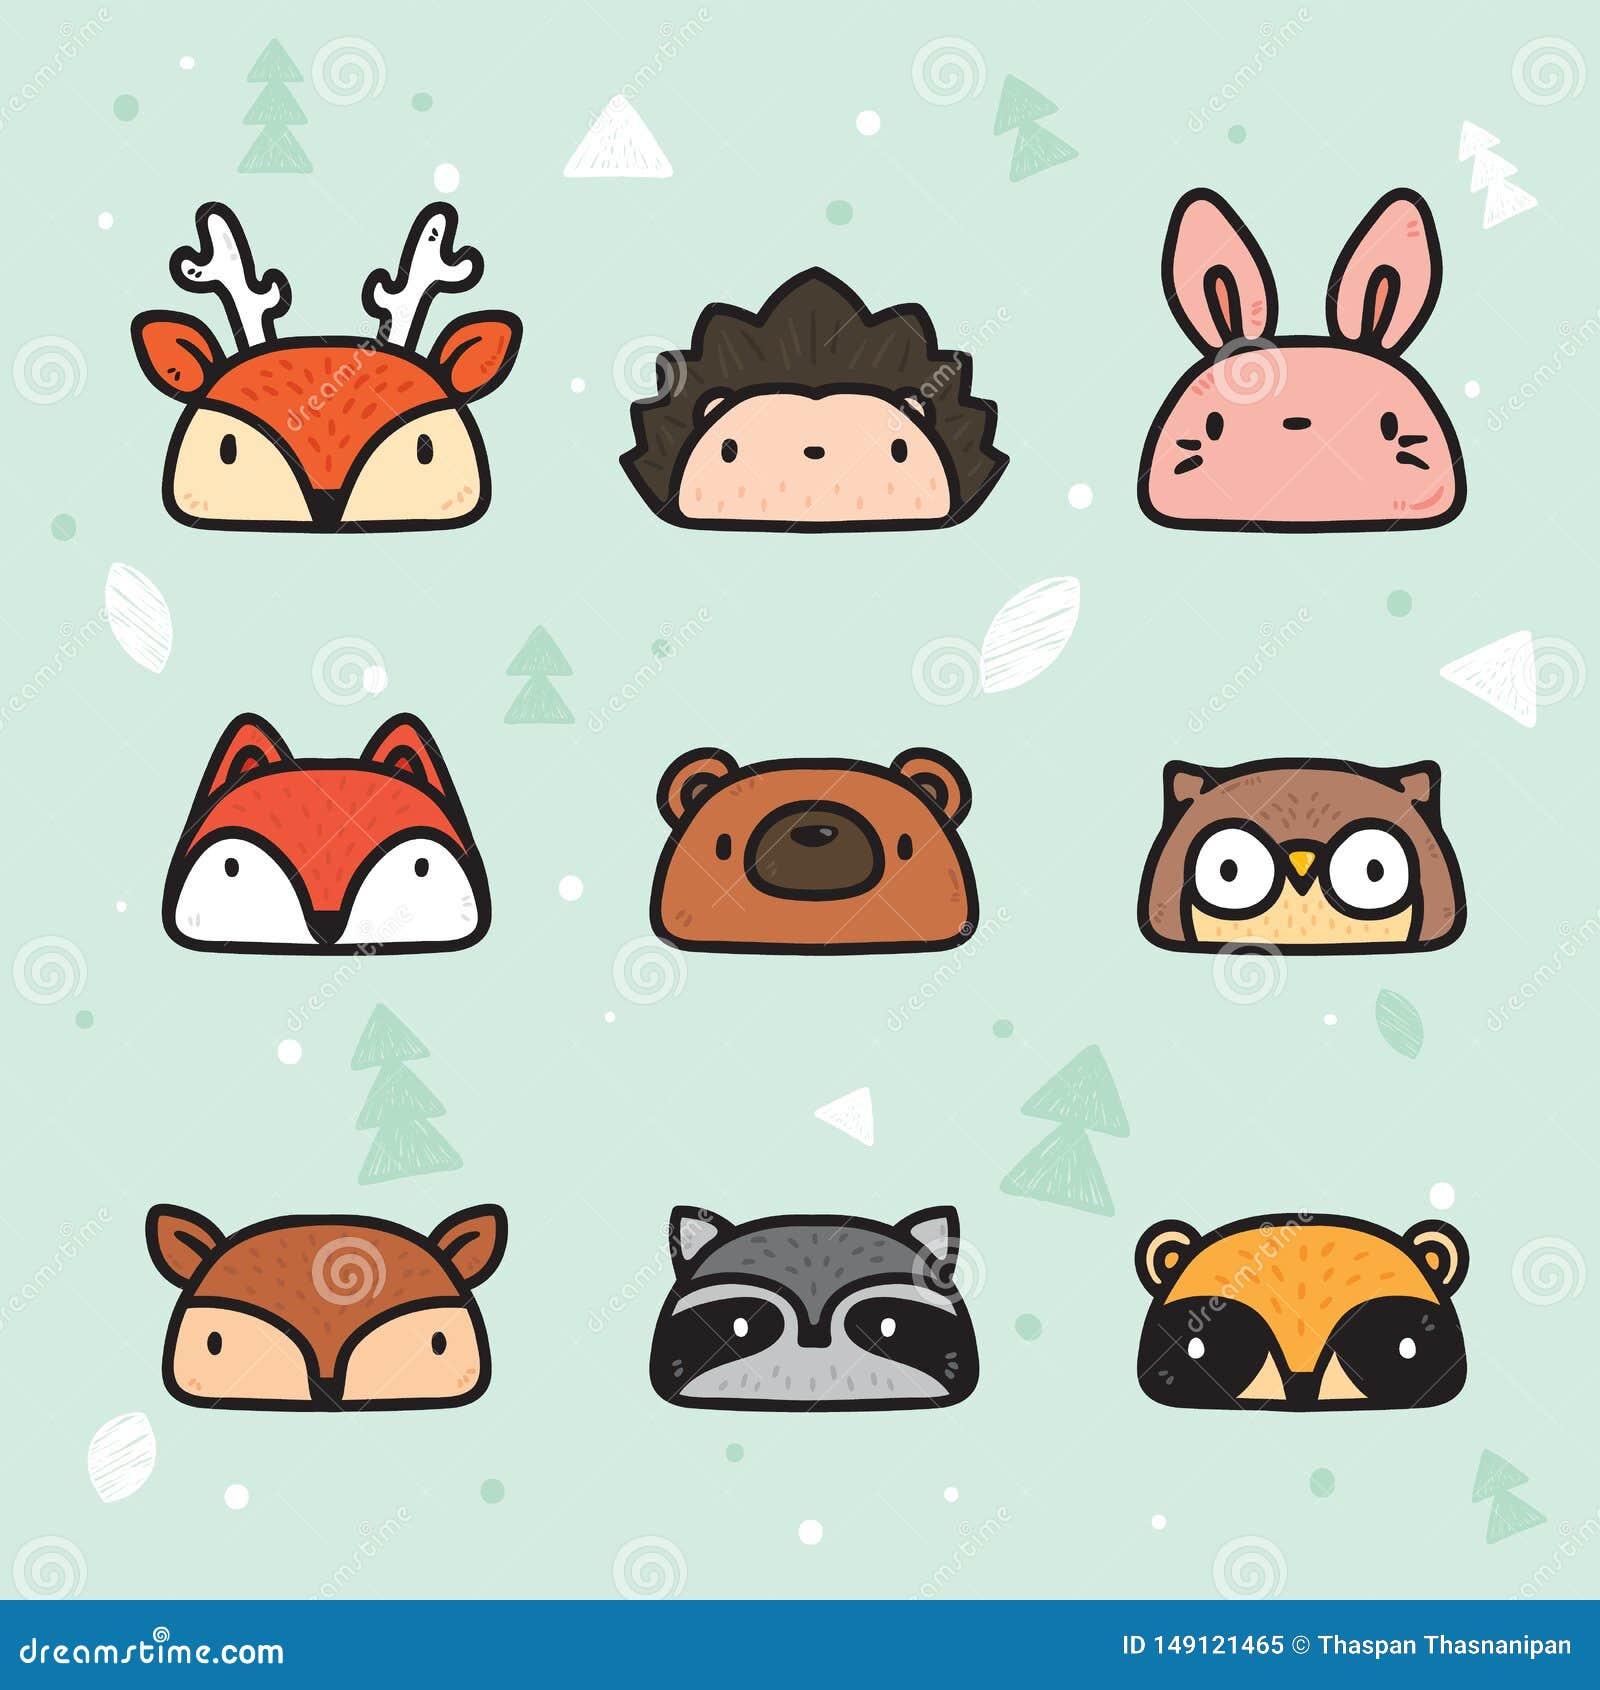 Forest Animal Faces Collection disegnato a mano sveglio